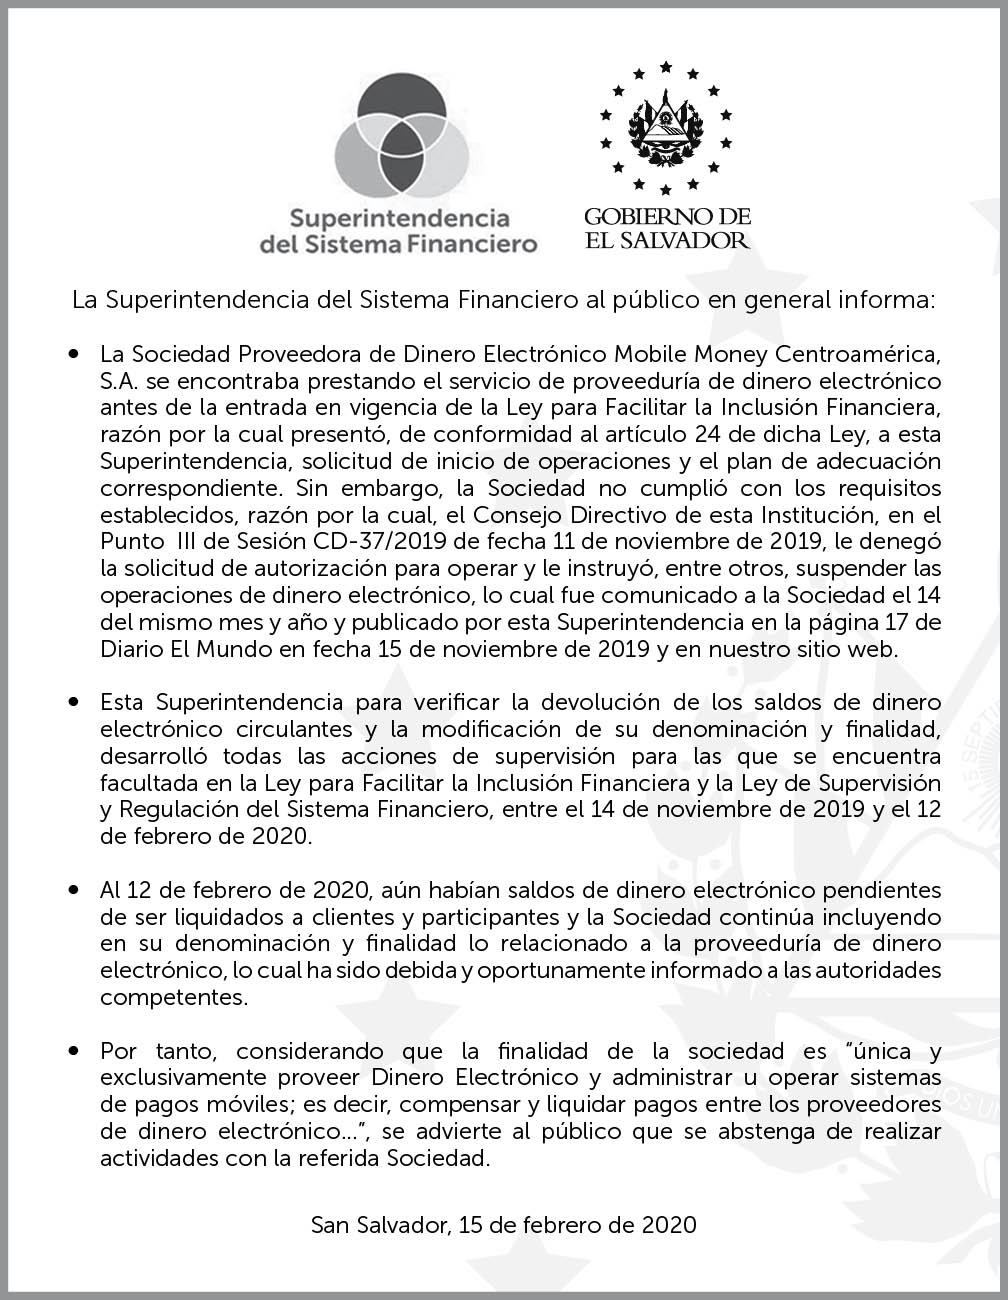 Advertencia sobre Sociedad Proveedora de Dinero Electrónico Mobile Money Centroamérica, S.A.